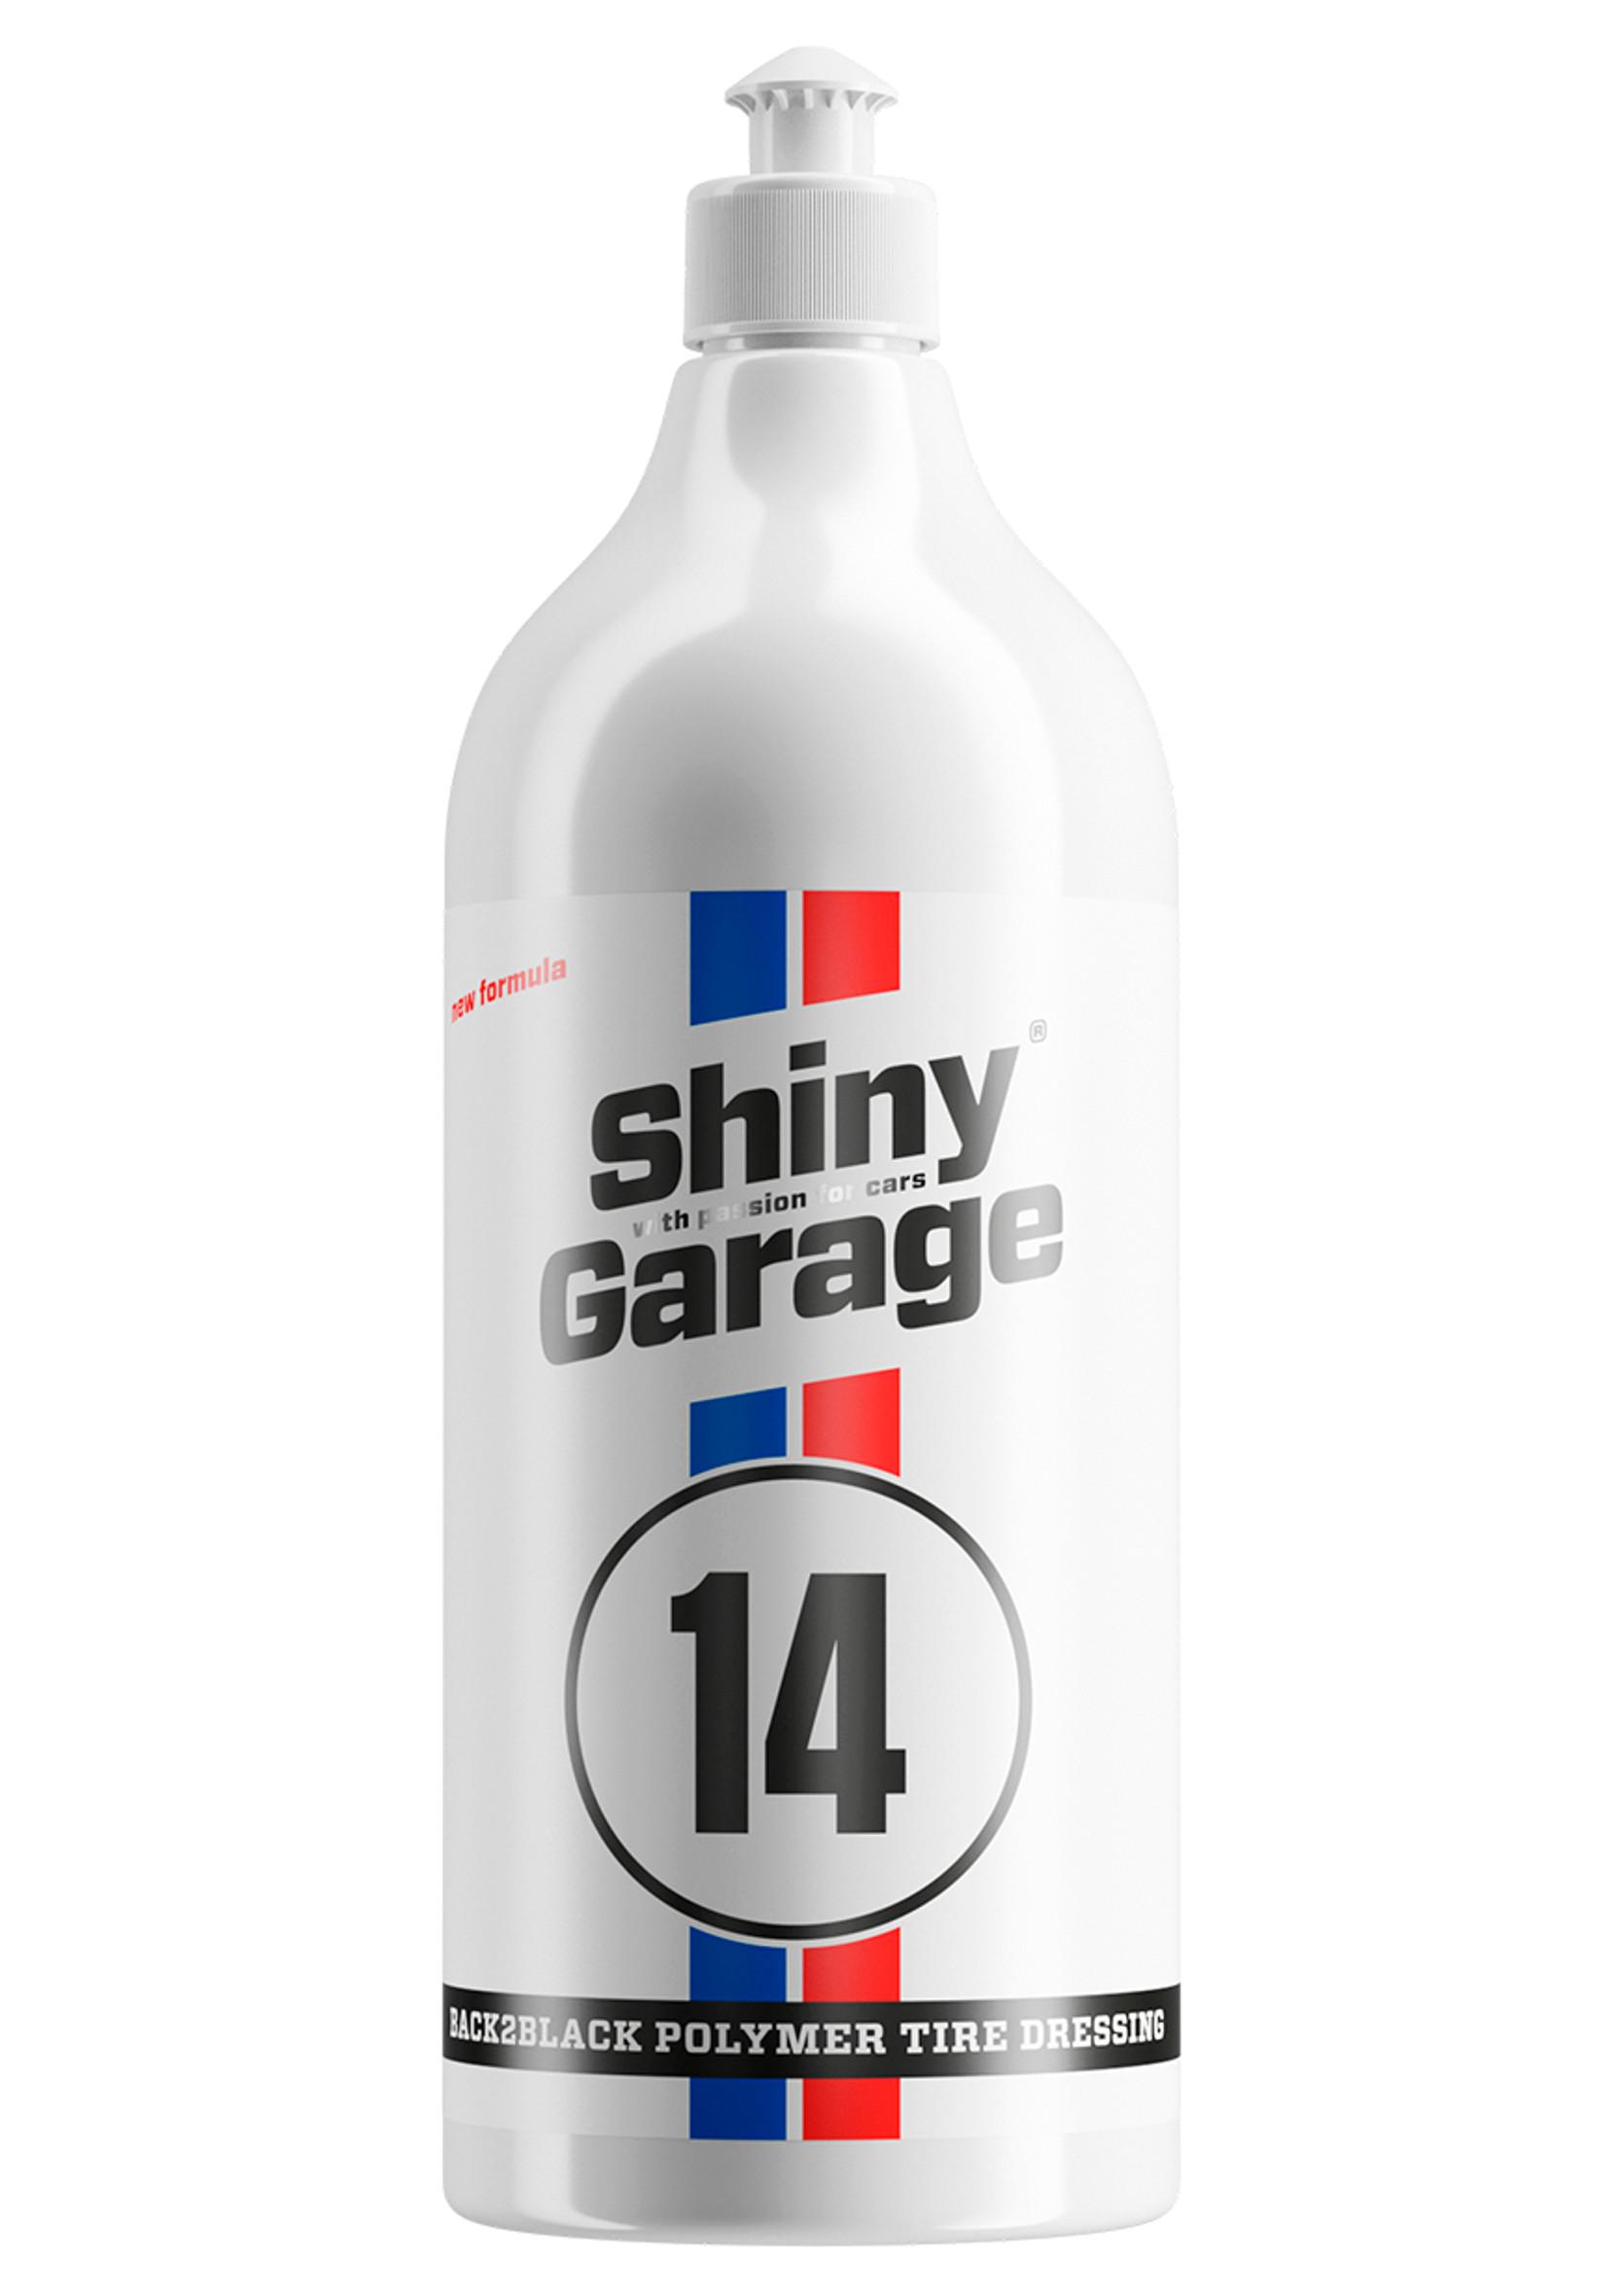 Shiny Garage Back2Black Tire Dressing 1L Żel do Konserwacji Opon